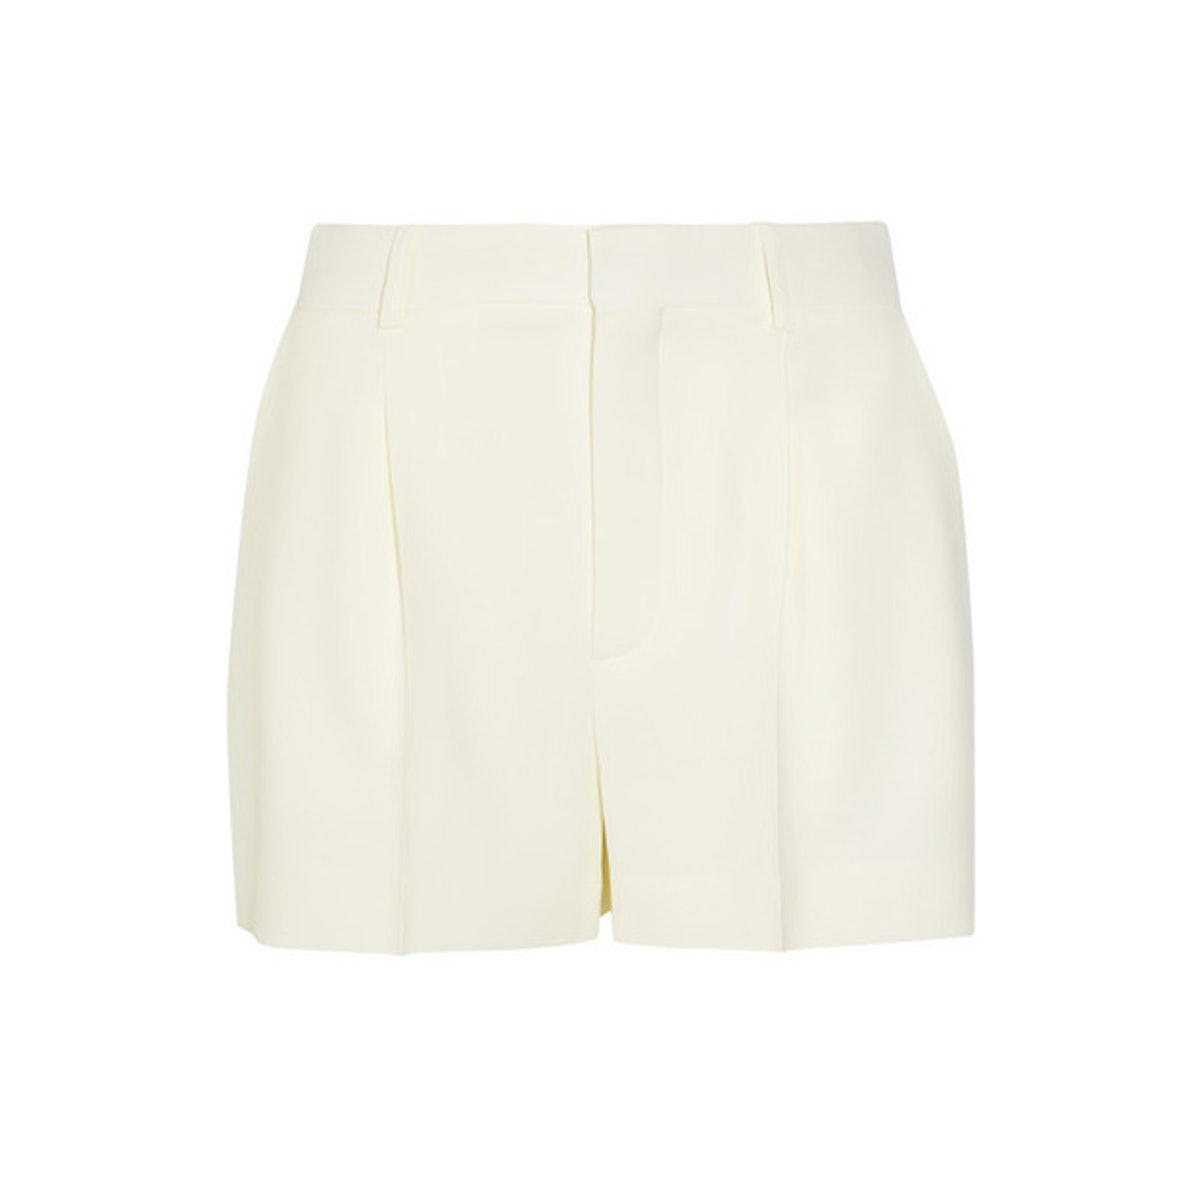 Chloe shorts